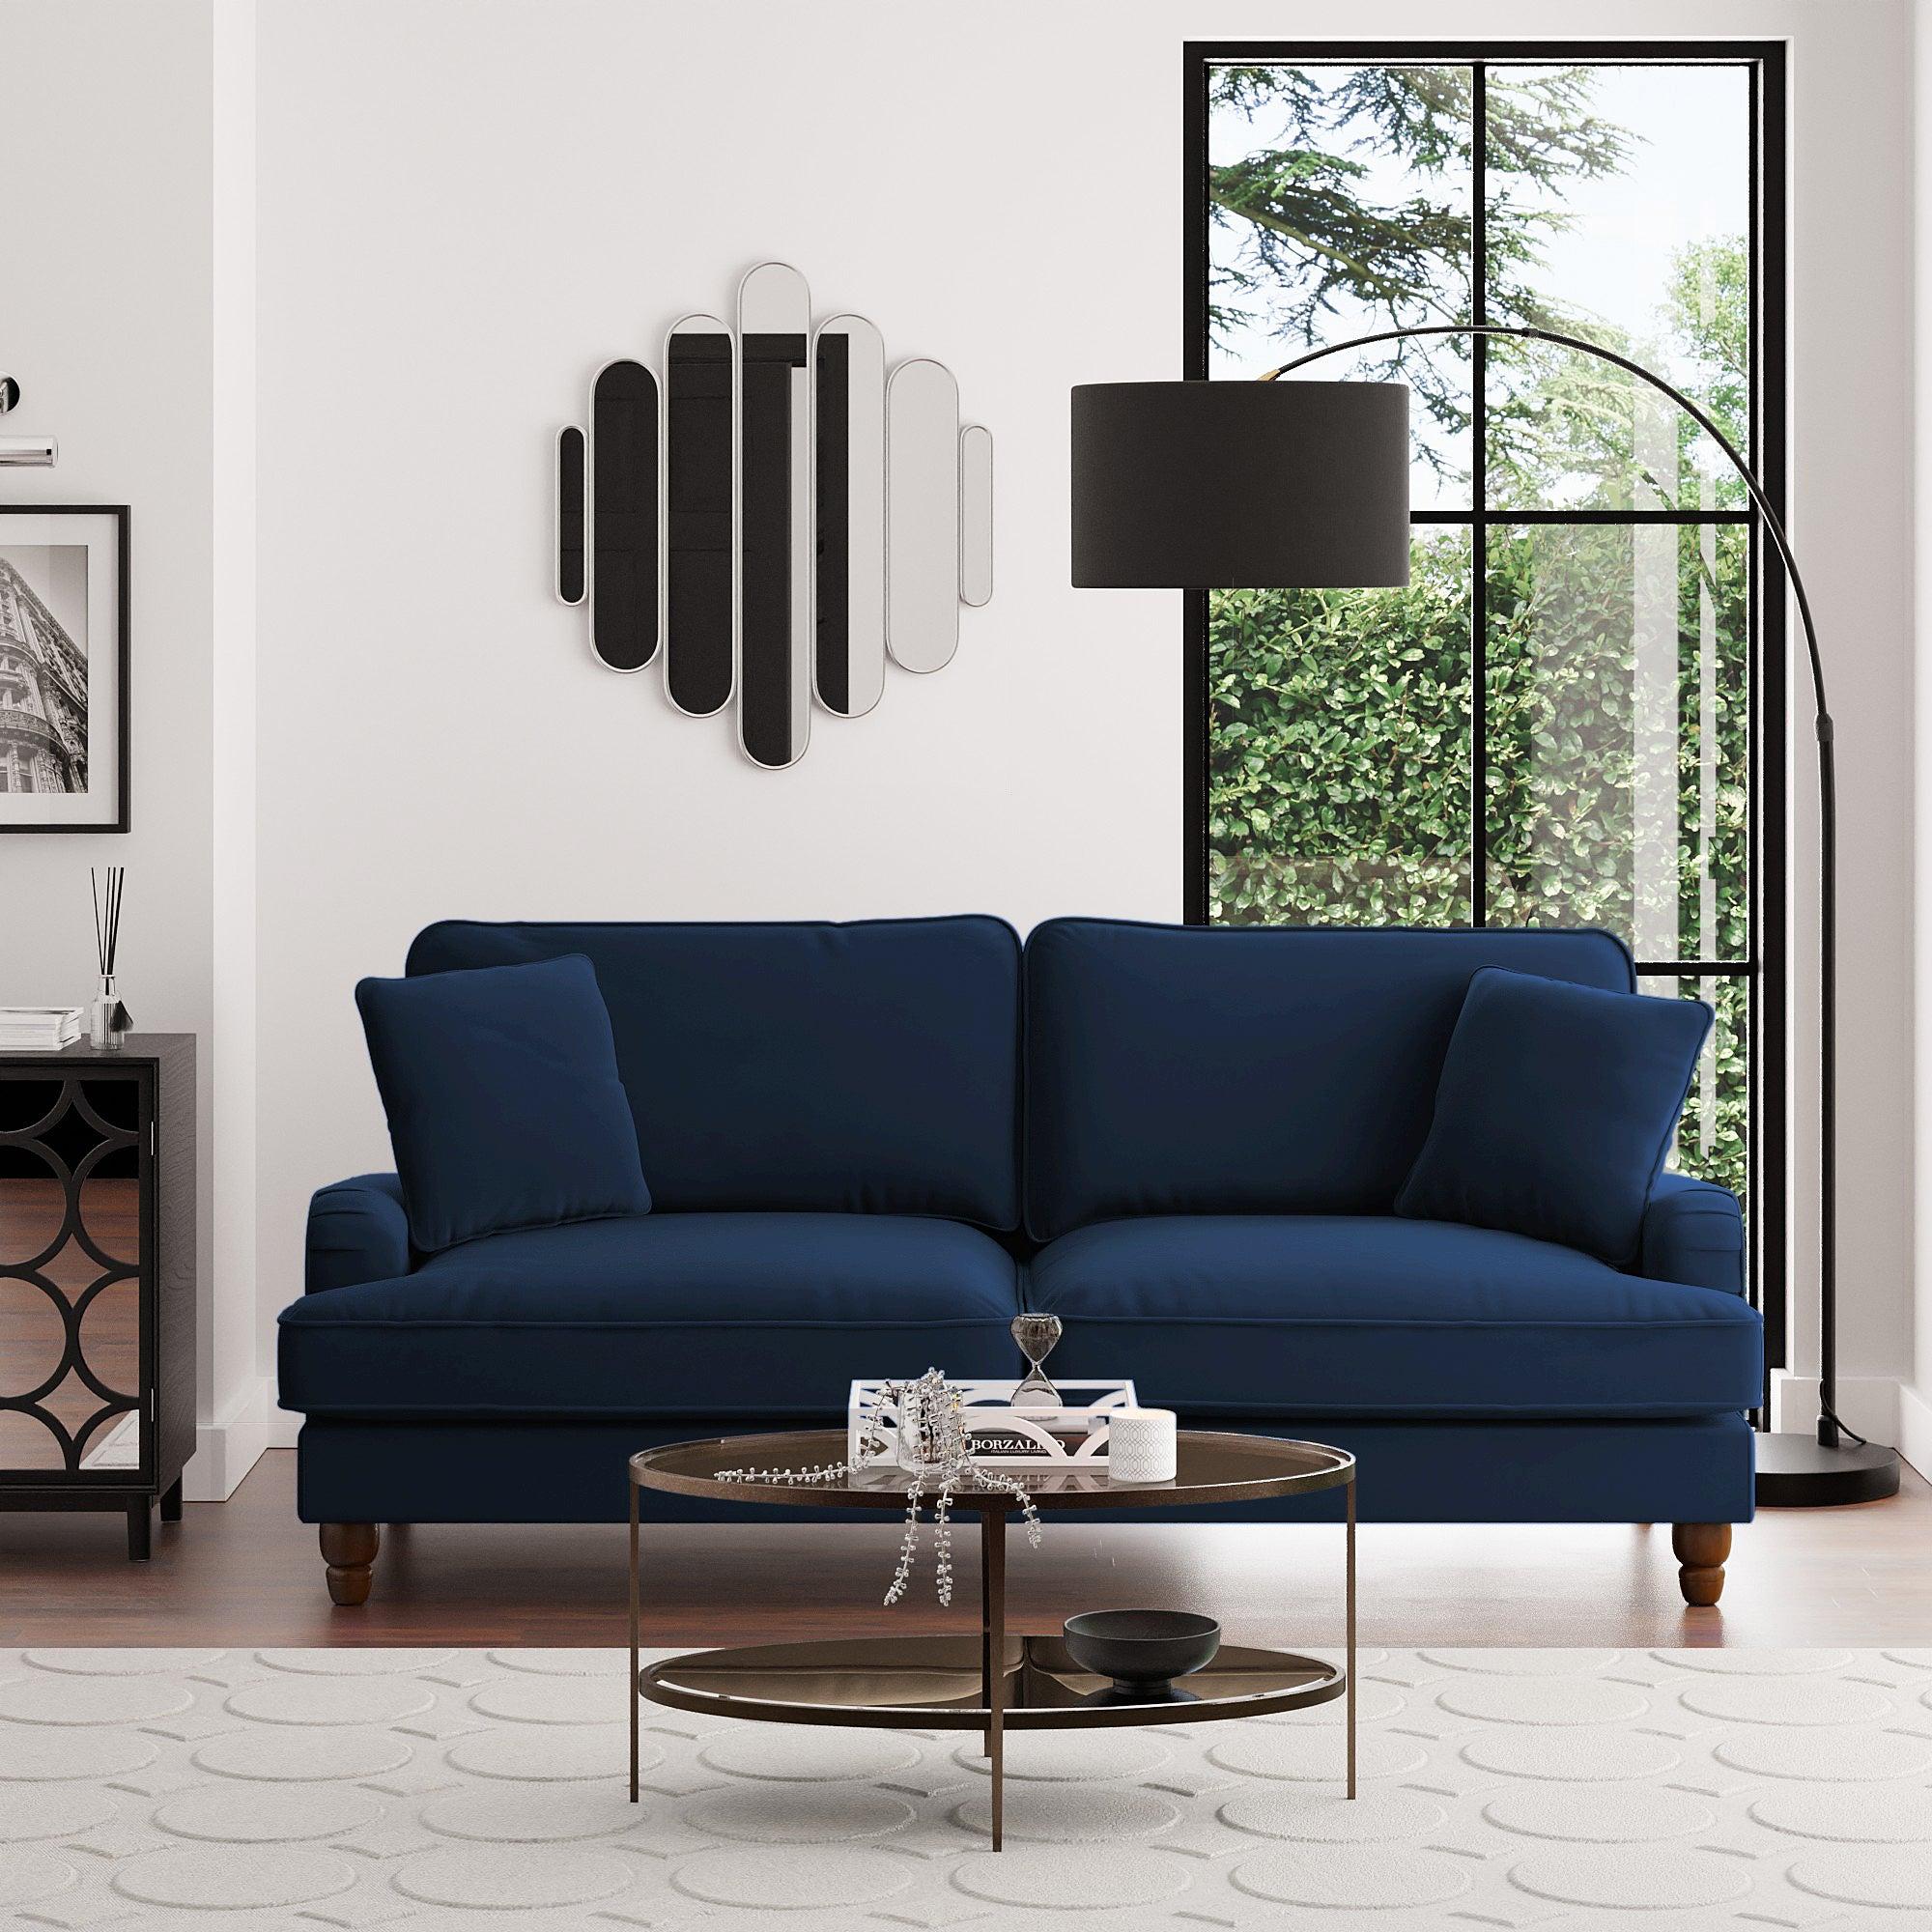 Beatrice Velvet 4 Seater Sofa Navy